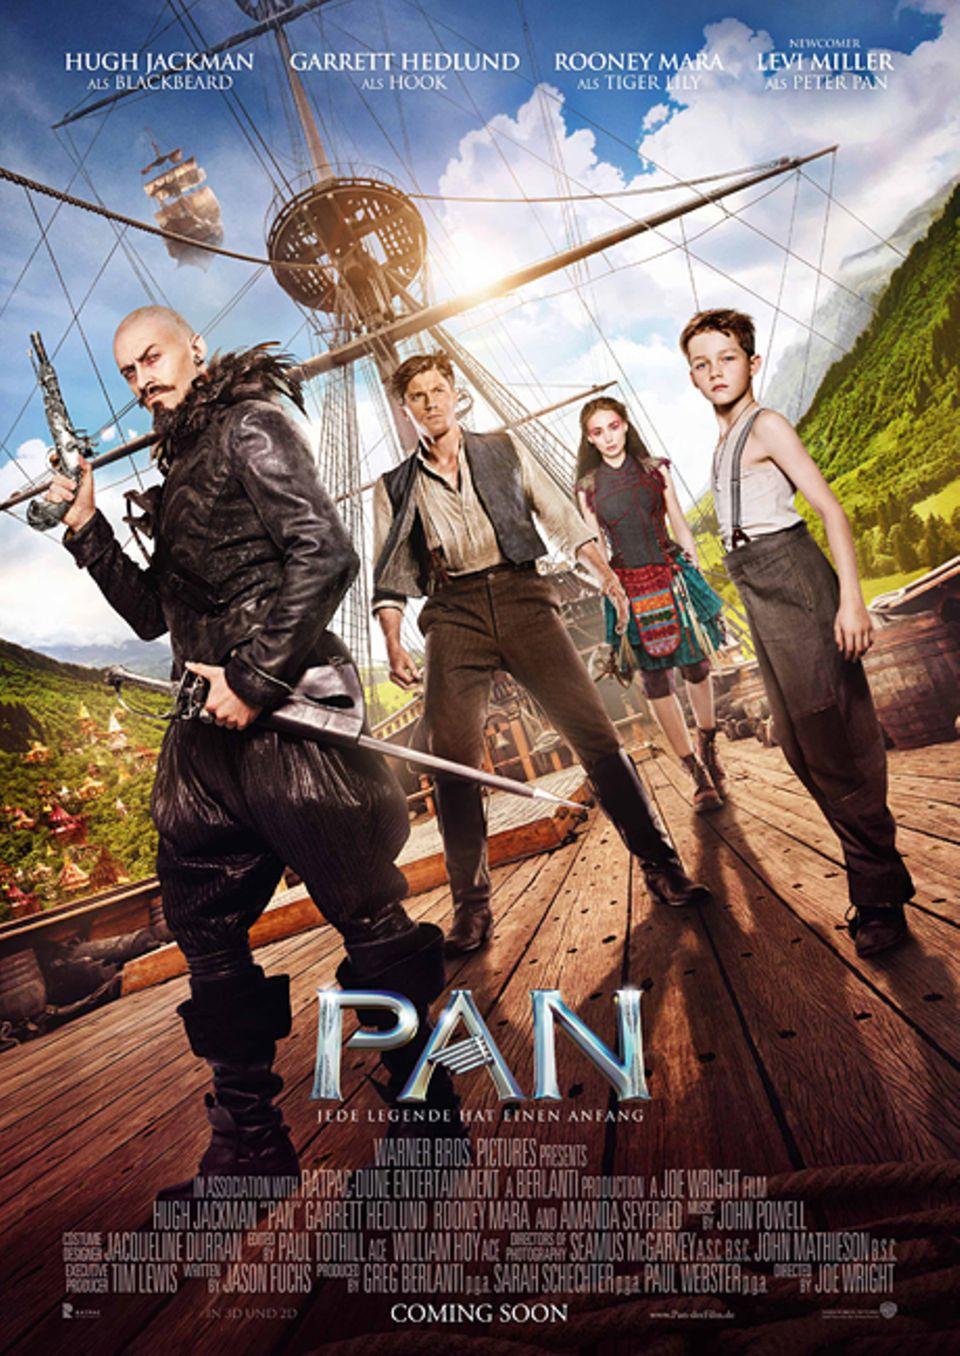 Filmtipp: PAN: ab dem 17. März 2016 auf DVD und Blu-ray